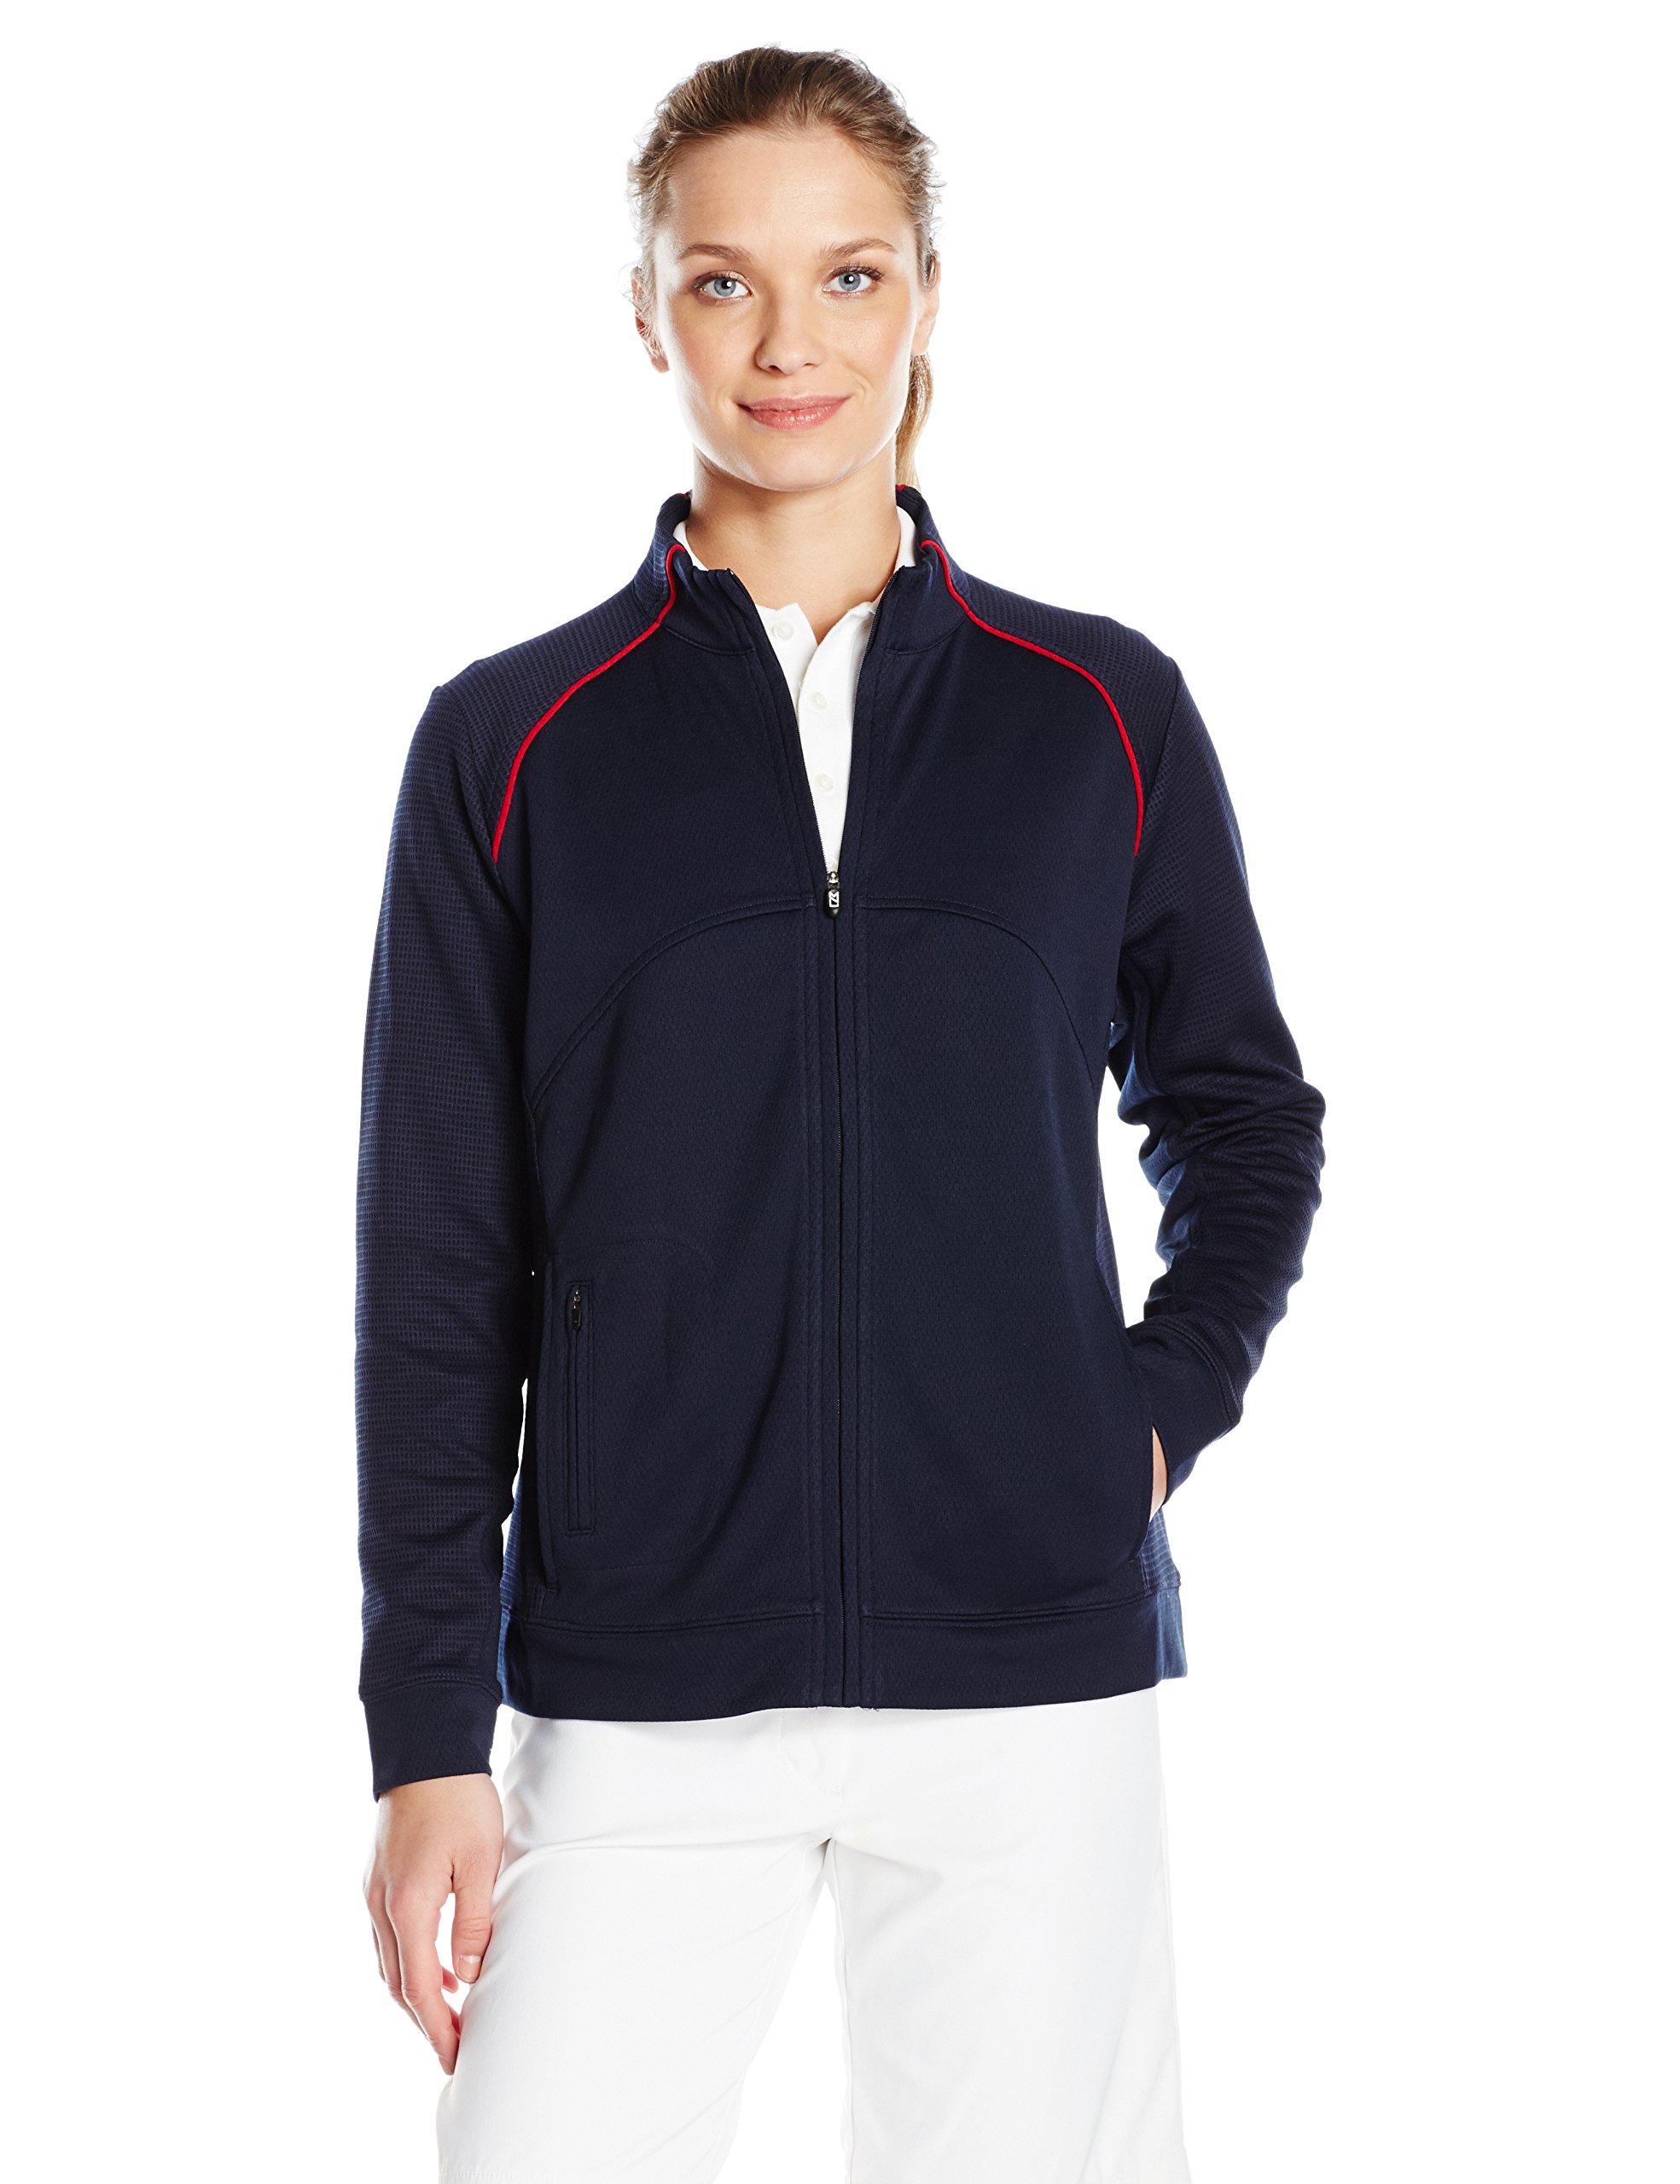 Cutter & Buck Women's Cb Drytec Edge Full Zip, Navy Blue/Cardinal XS